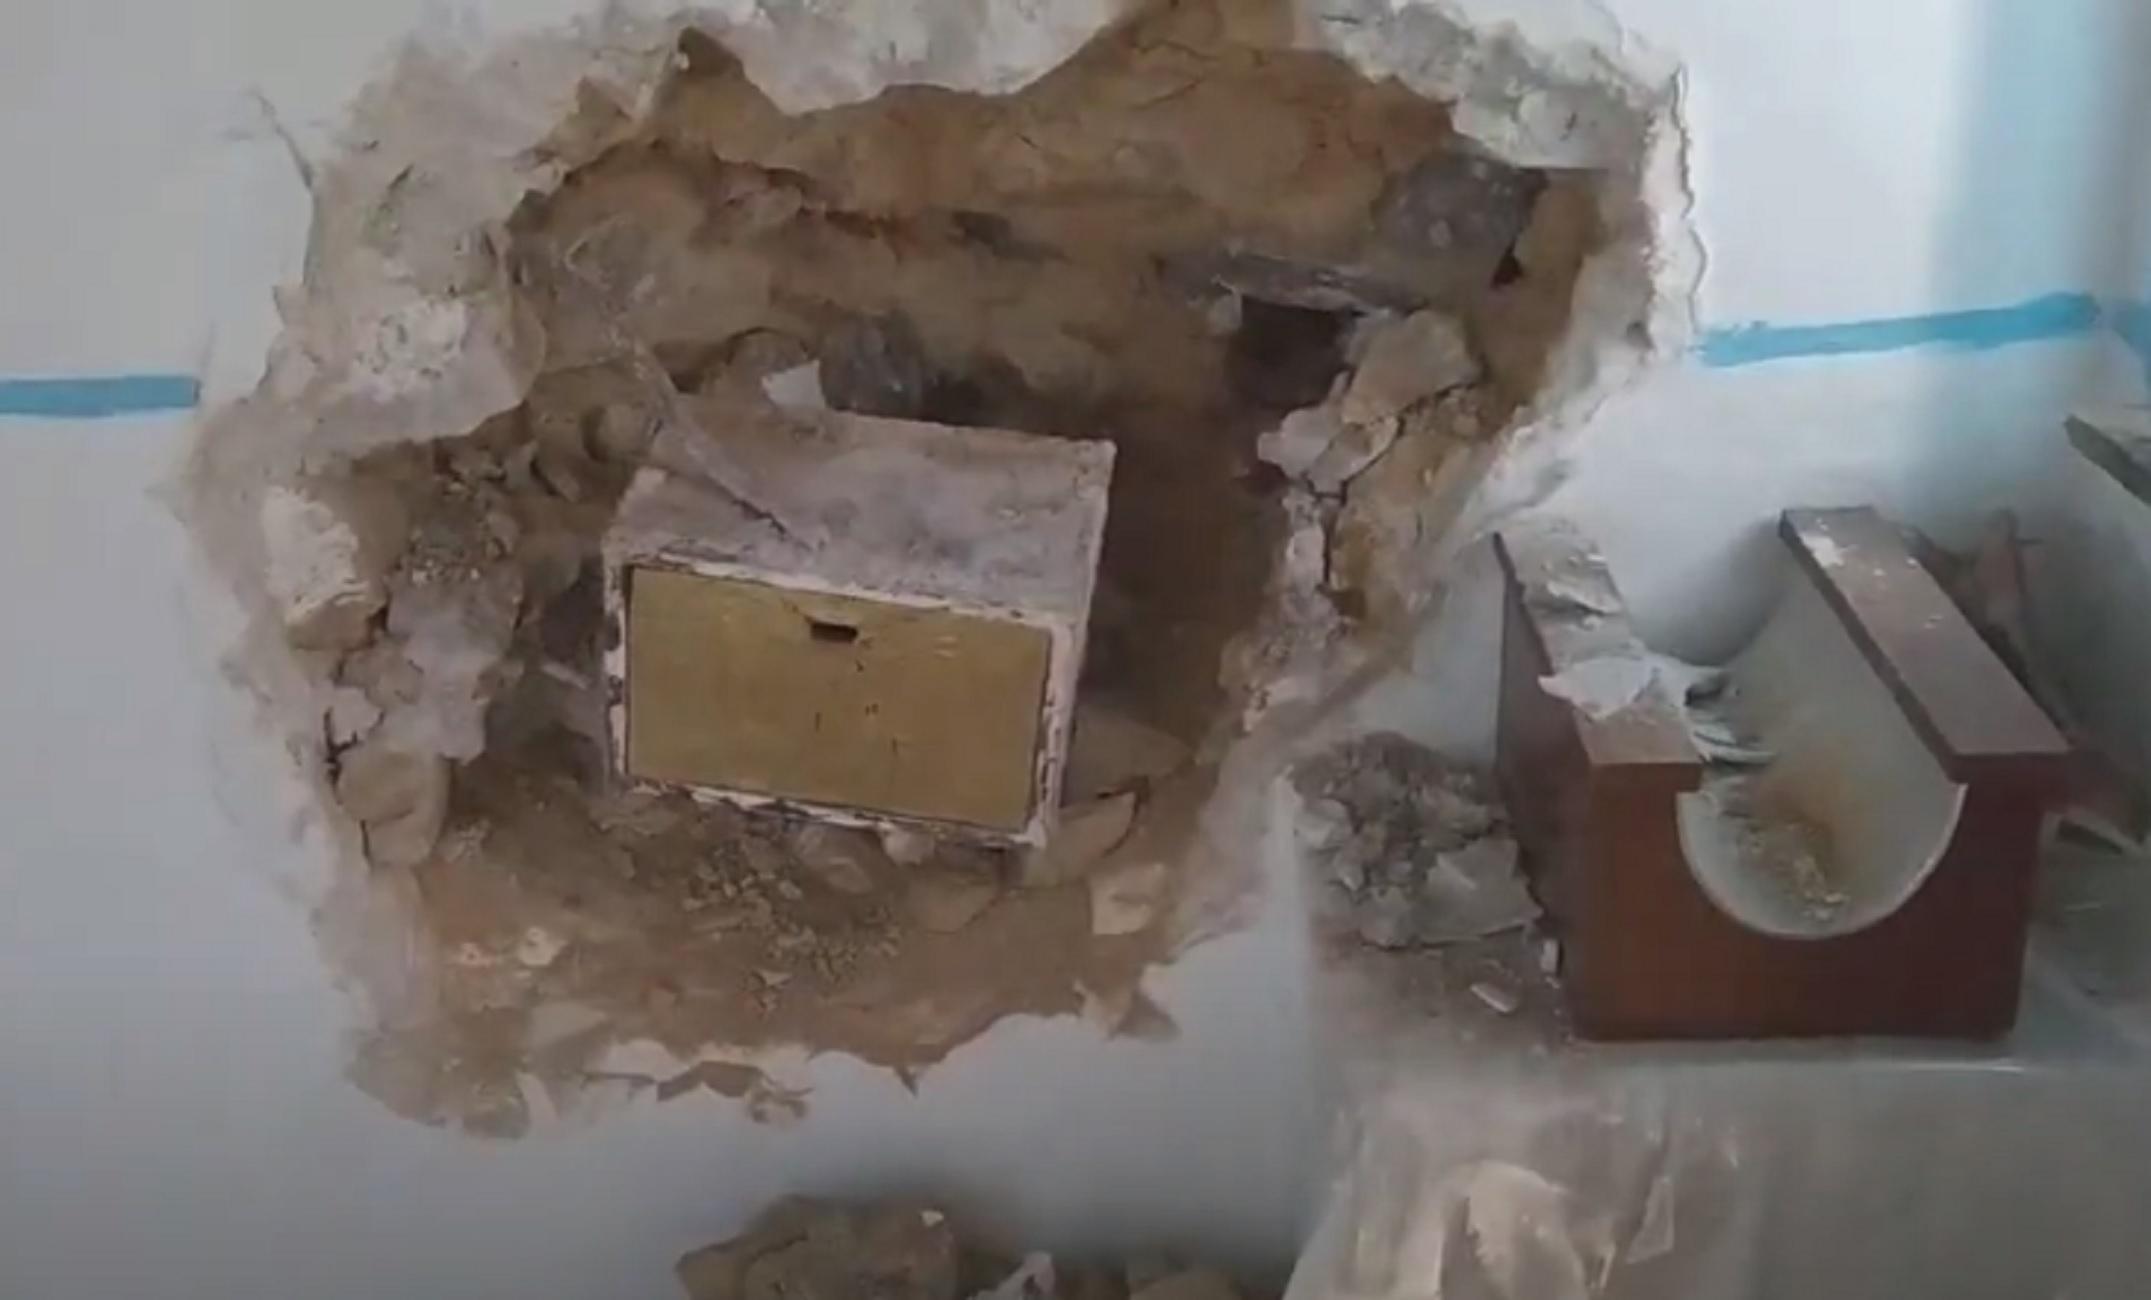 Λέσβος: Έσκαψαν τον τοίχο για να βουτήξουν το παγκάρι της εκκλησίας – Δείτε τις απίστευτες εικόνες (video)